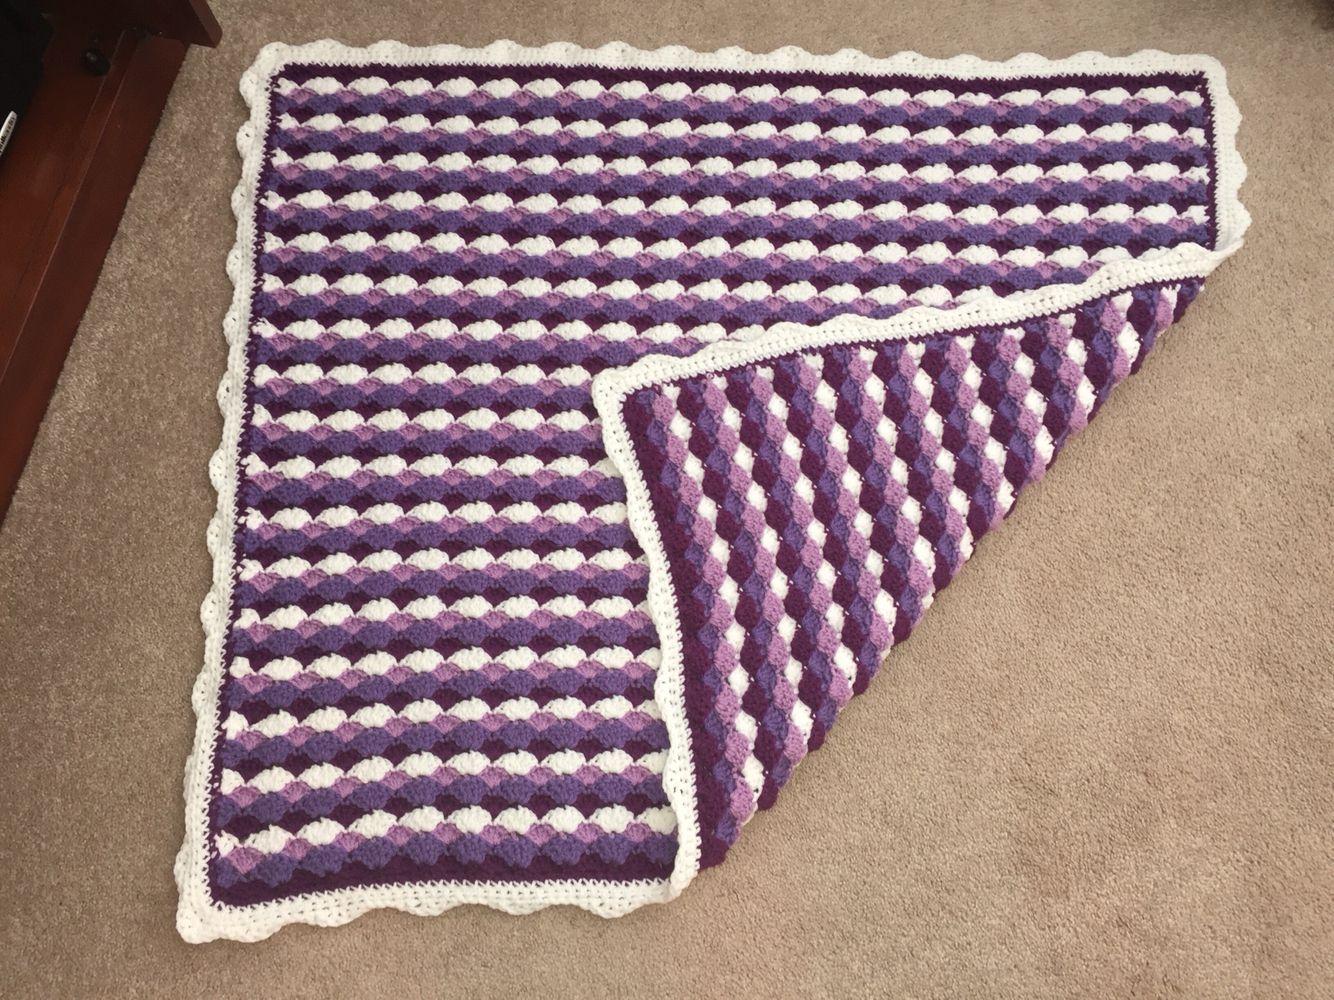 Baby blanket-shell stitch